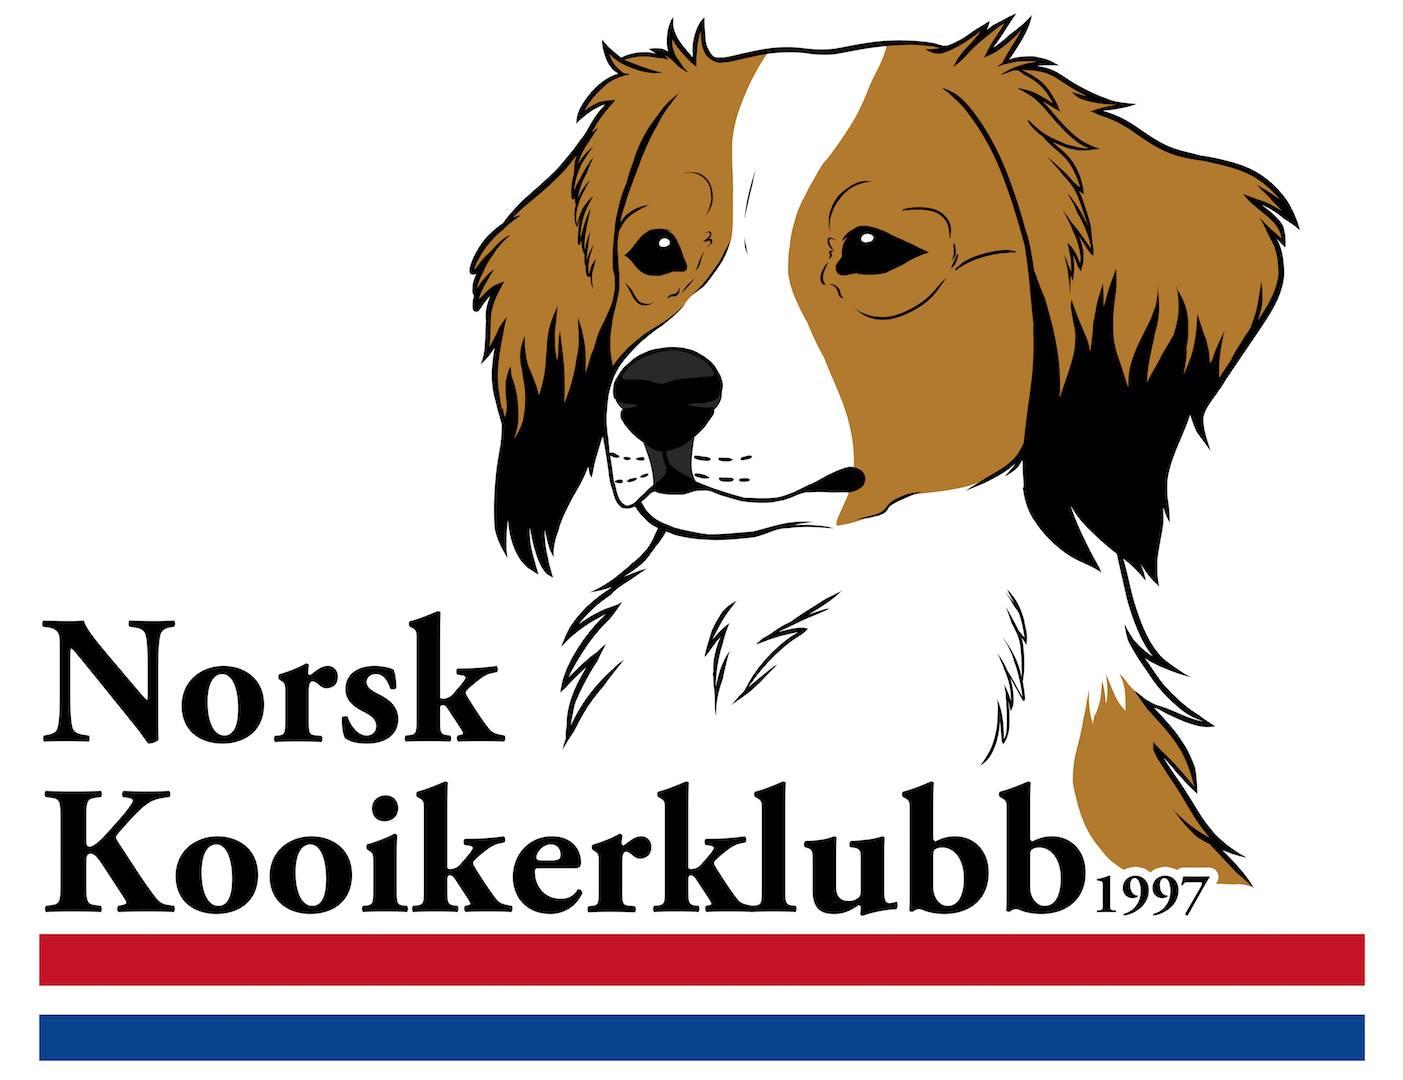 norsk kooikerklubb